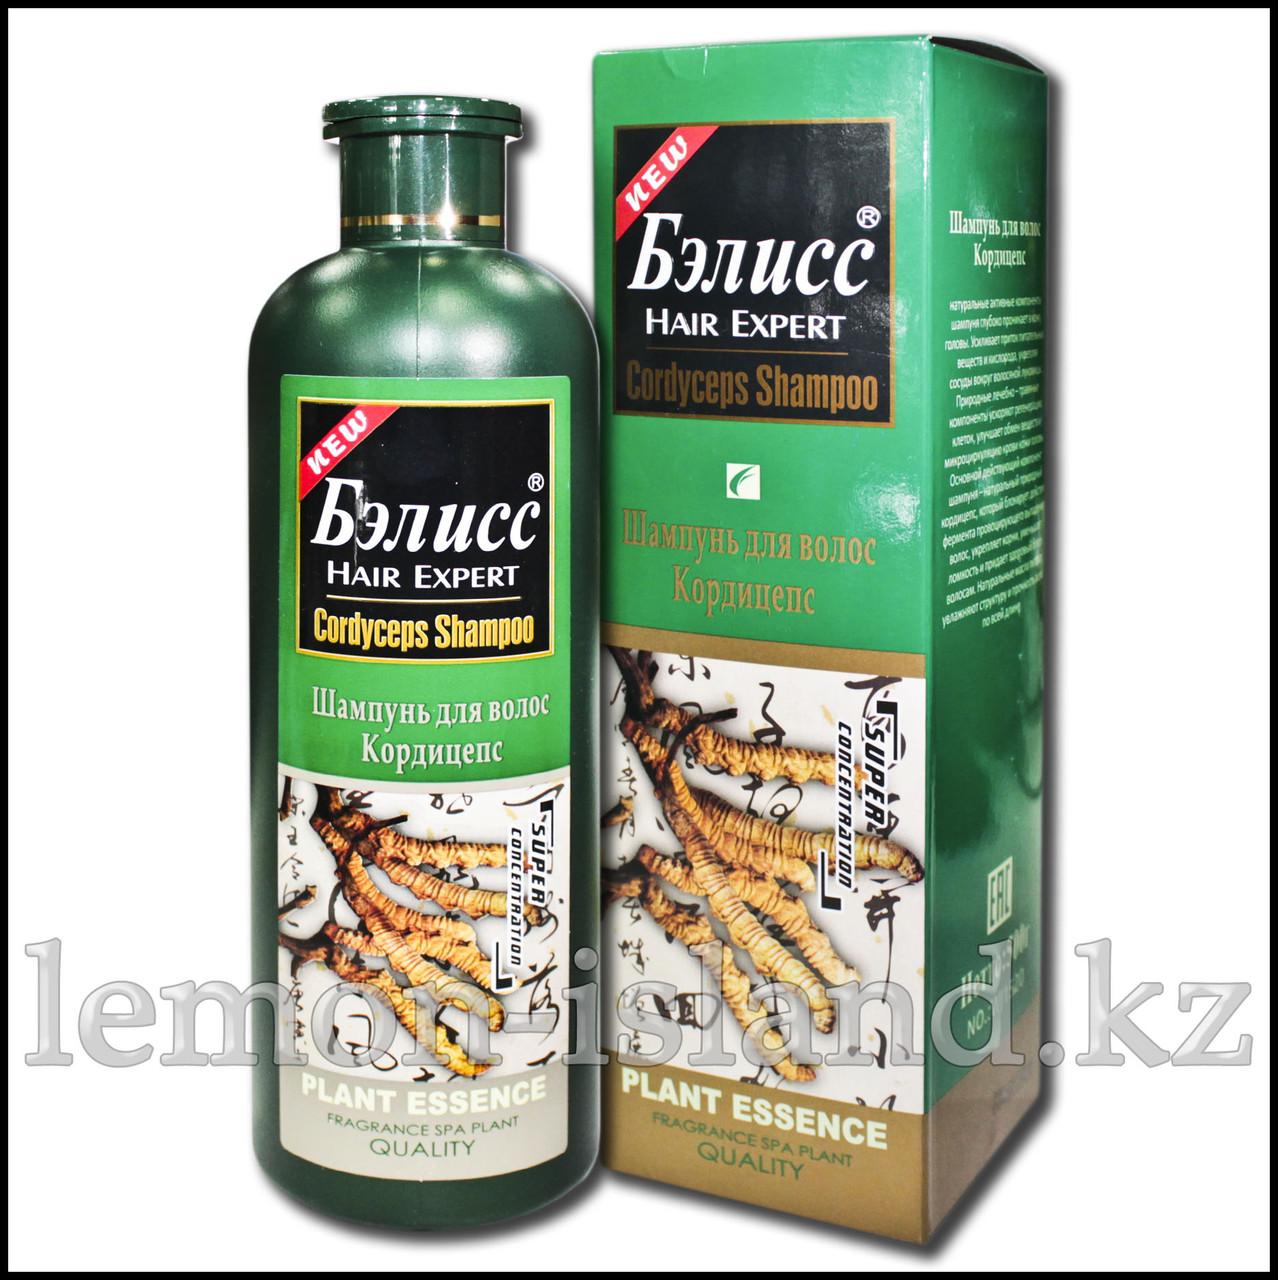 Шампунь Бэлисс укрепляющий с экстрактом кордицепса.